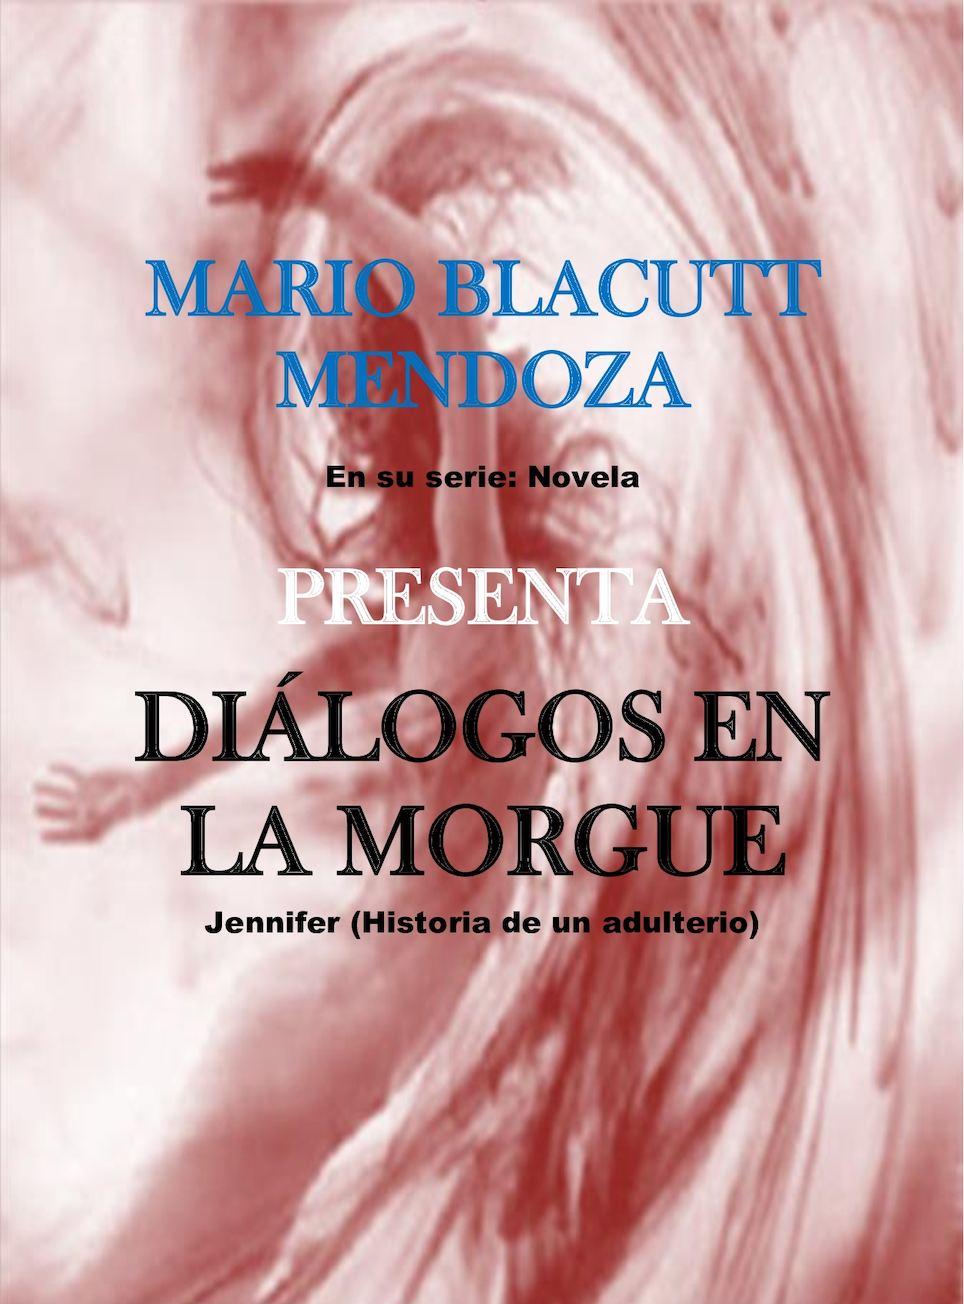 Calaméo - Dialogos En La Morgue